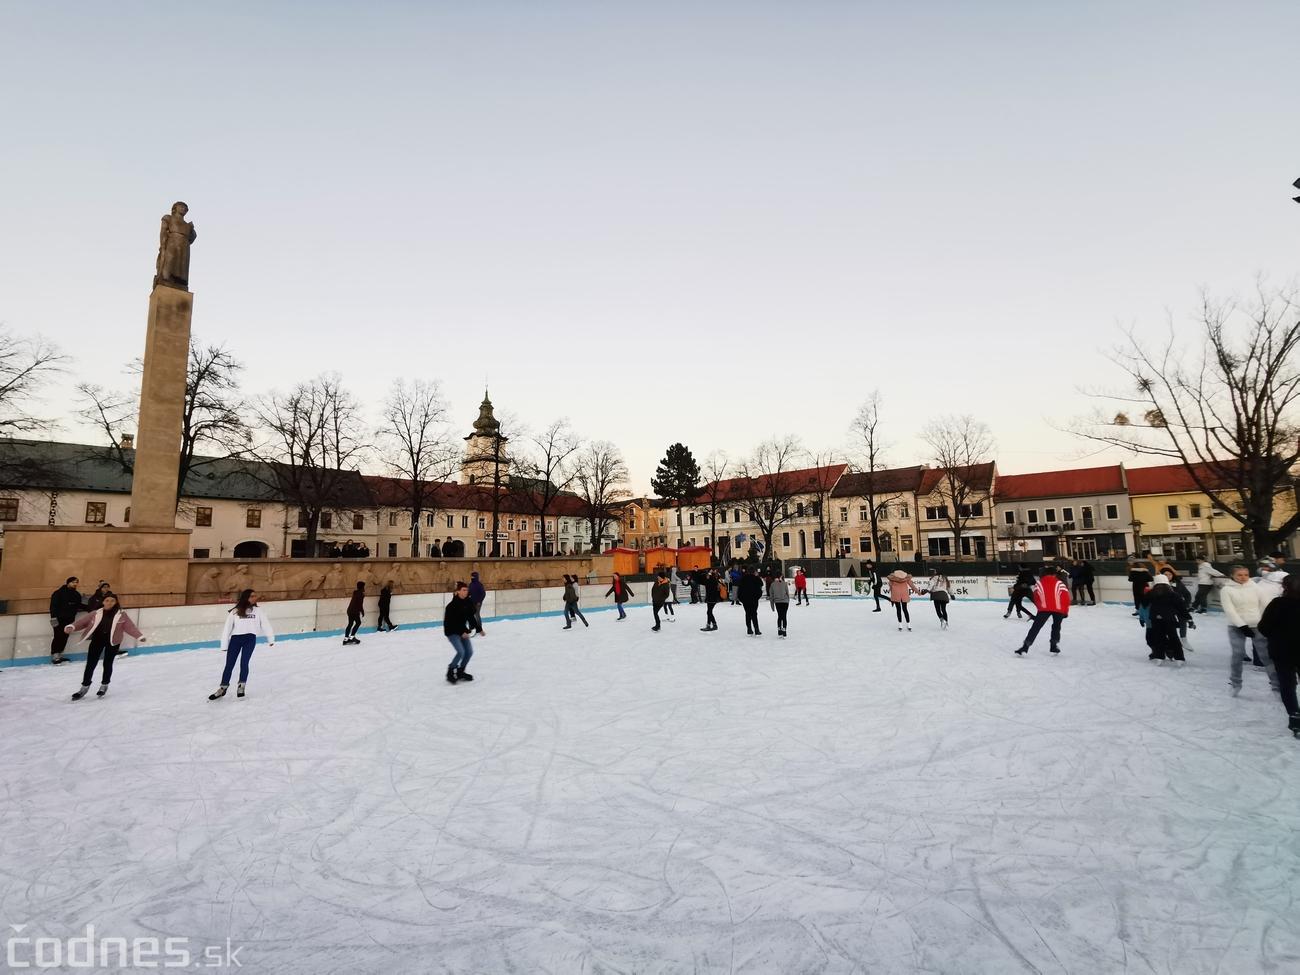 Ľadová plocha na námestí v Prievidzi - prevádzkové hodiny